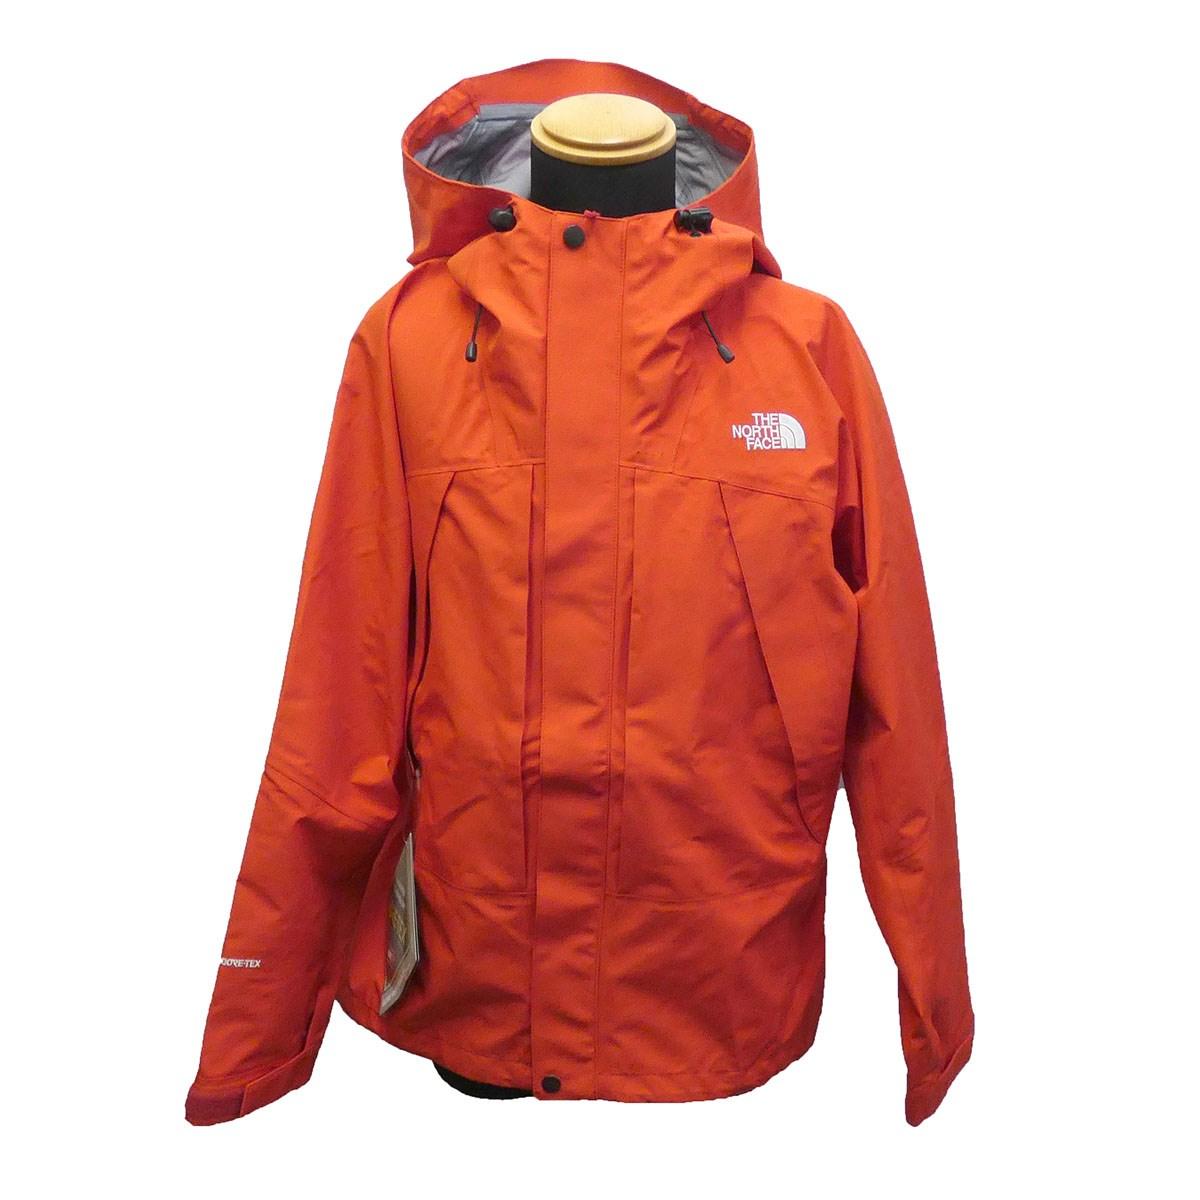 【中古】THE NORTH FACE 20SS 「AII Mountain Jacket」オールマウンテンジャケット NP61910 ファイアリーレッド サイズ:M 【100520】(ザノースフェイス)